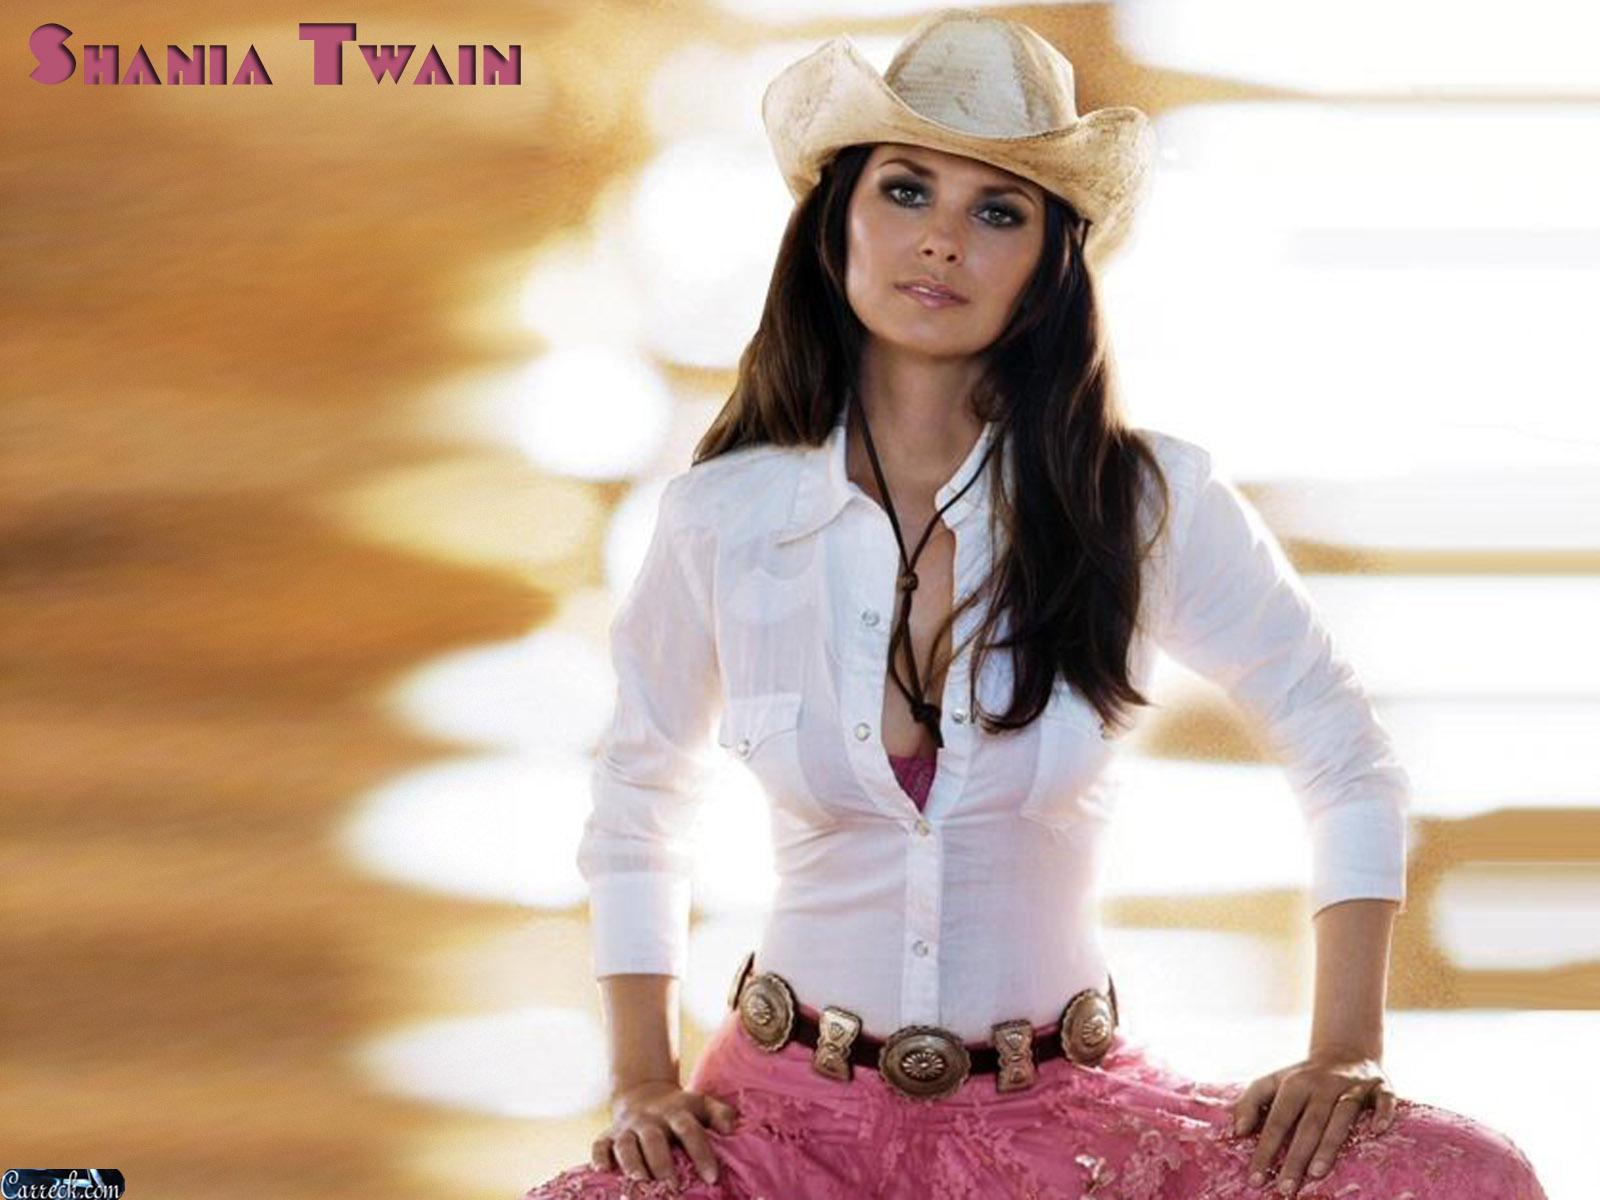 Shania Twain   Shania Twain Wallpaper 20894457 1600x1200